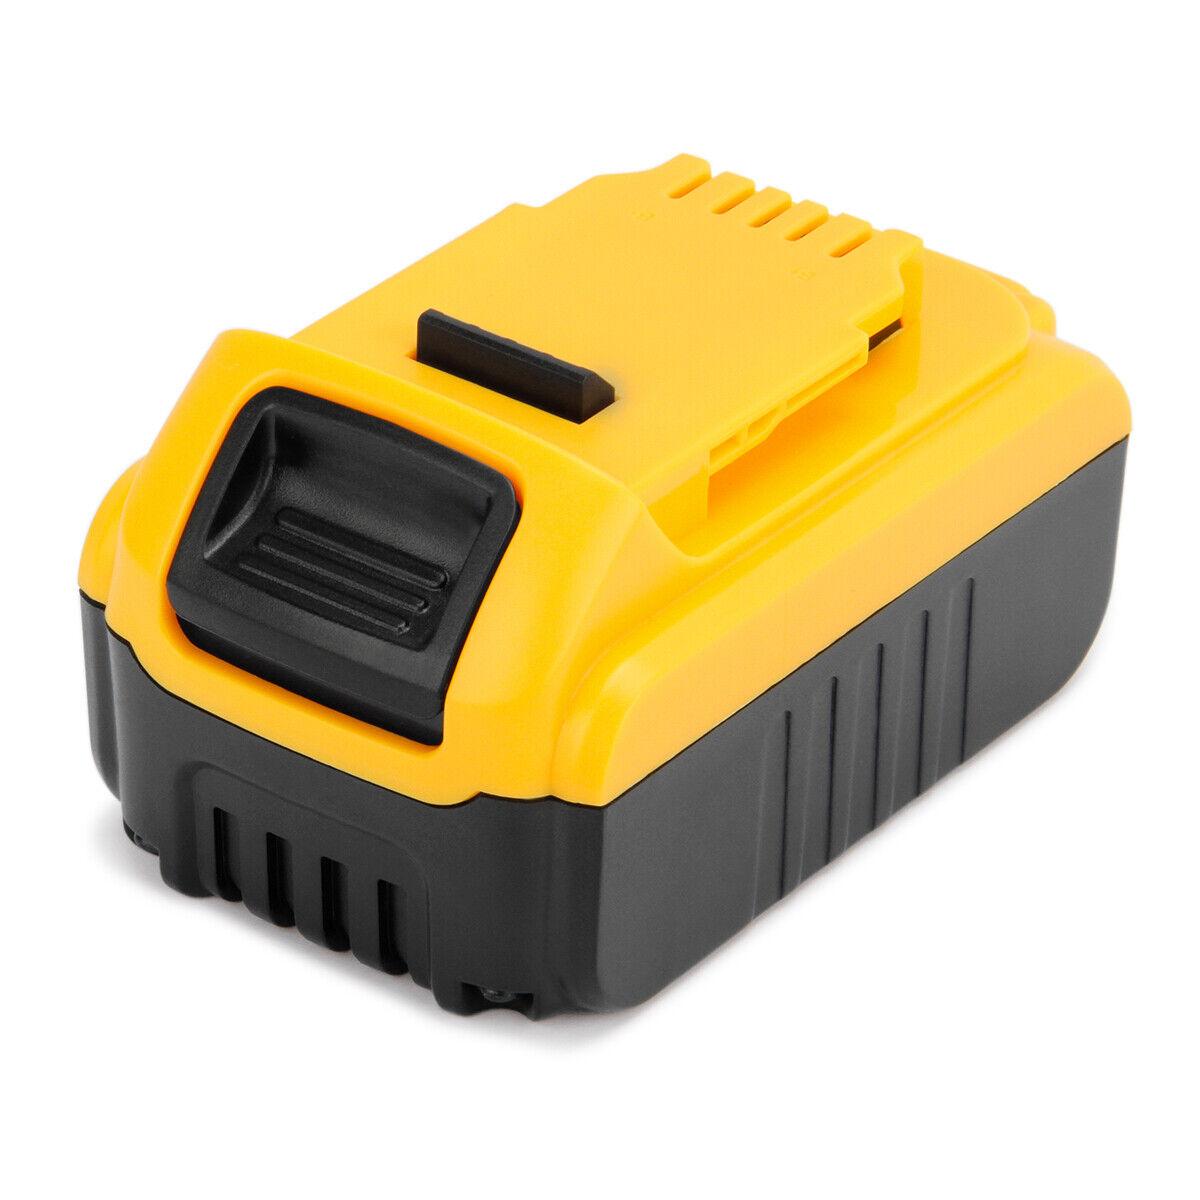 5.0Ah 18V Li-ion MAX XR Battery for DEWALT DCB184 DCB182 DCB200 DCB180 DCB205 UK